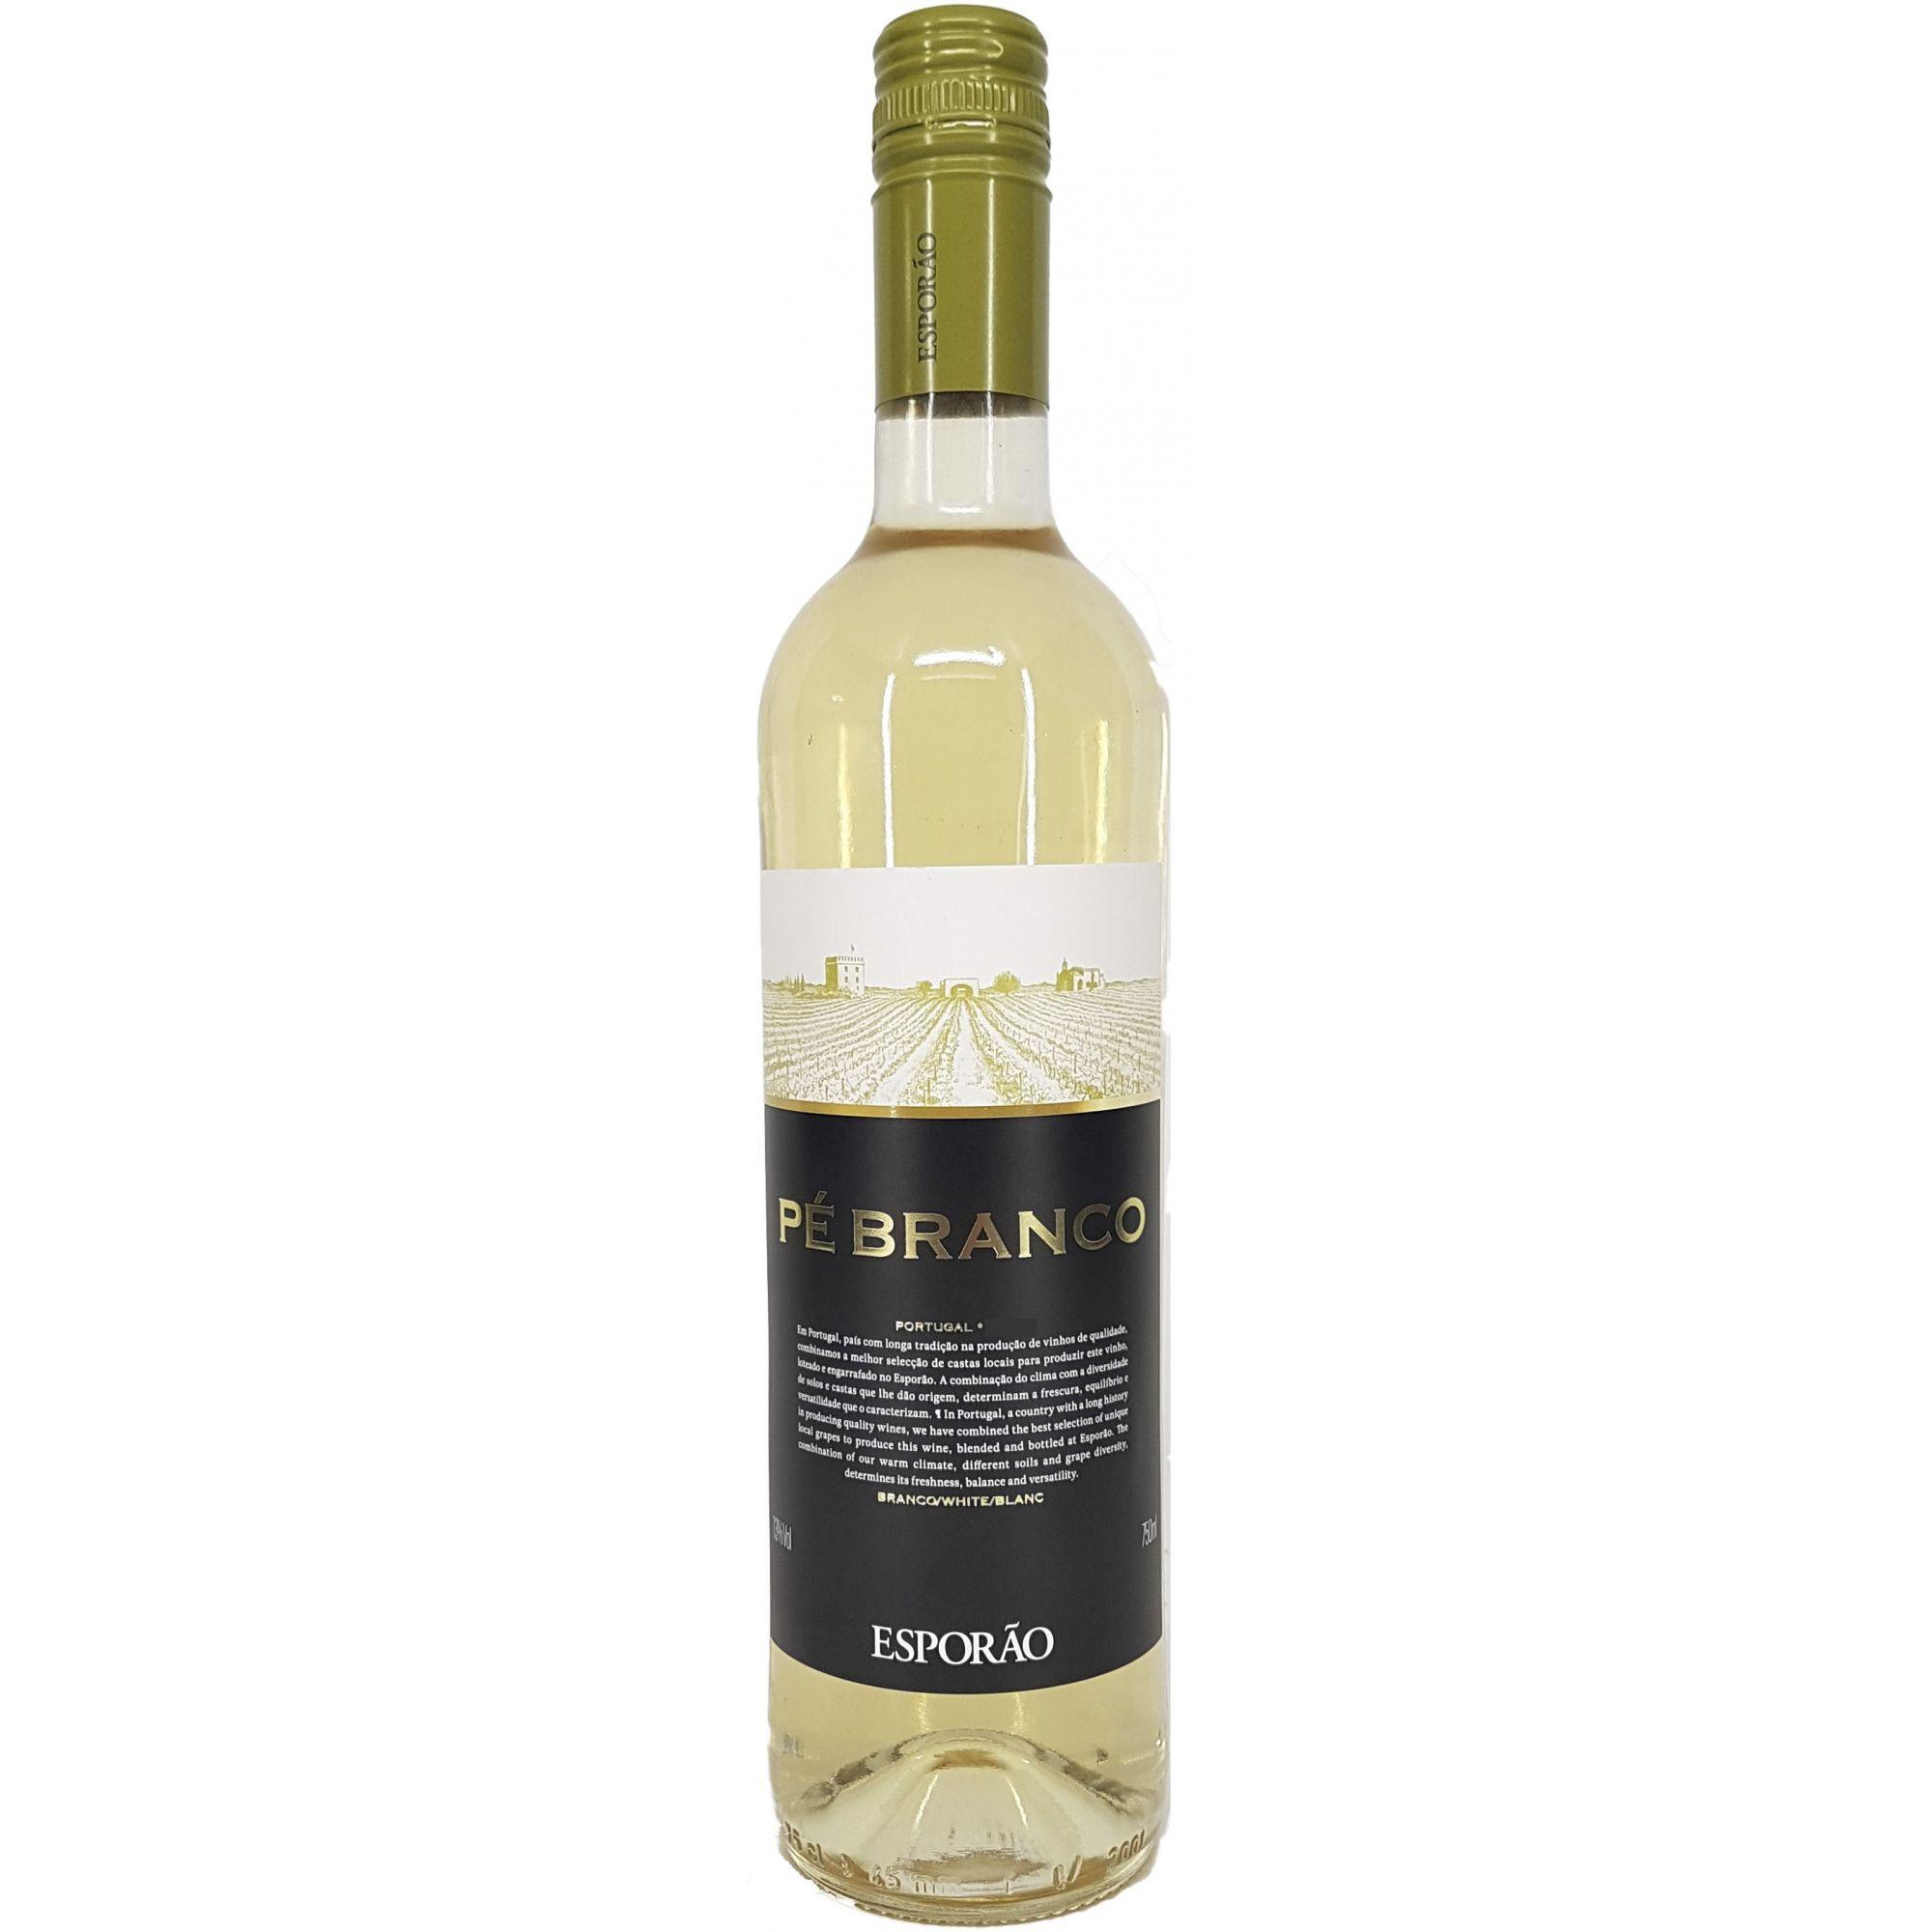 Vinho Branco Esporão Pé  - 750ml -